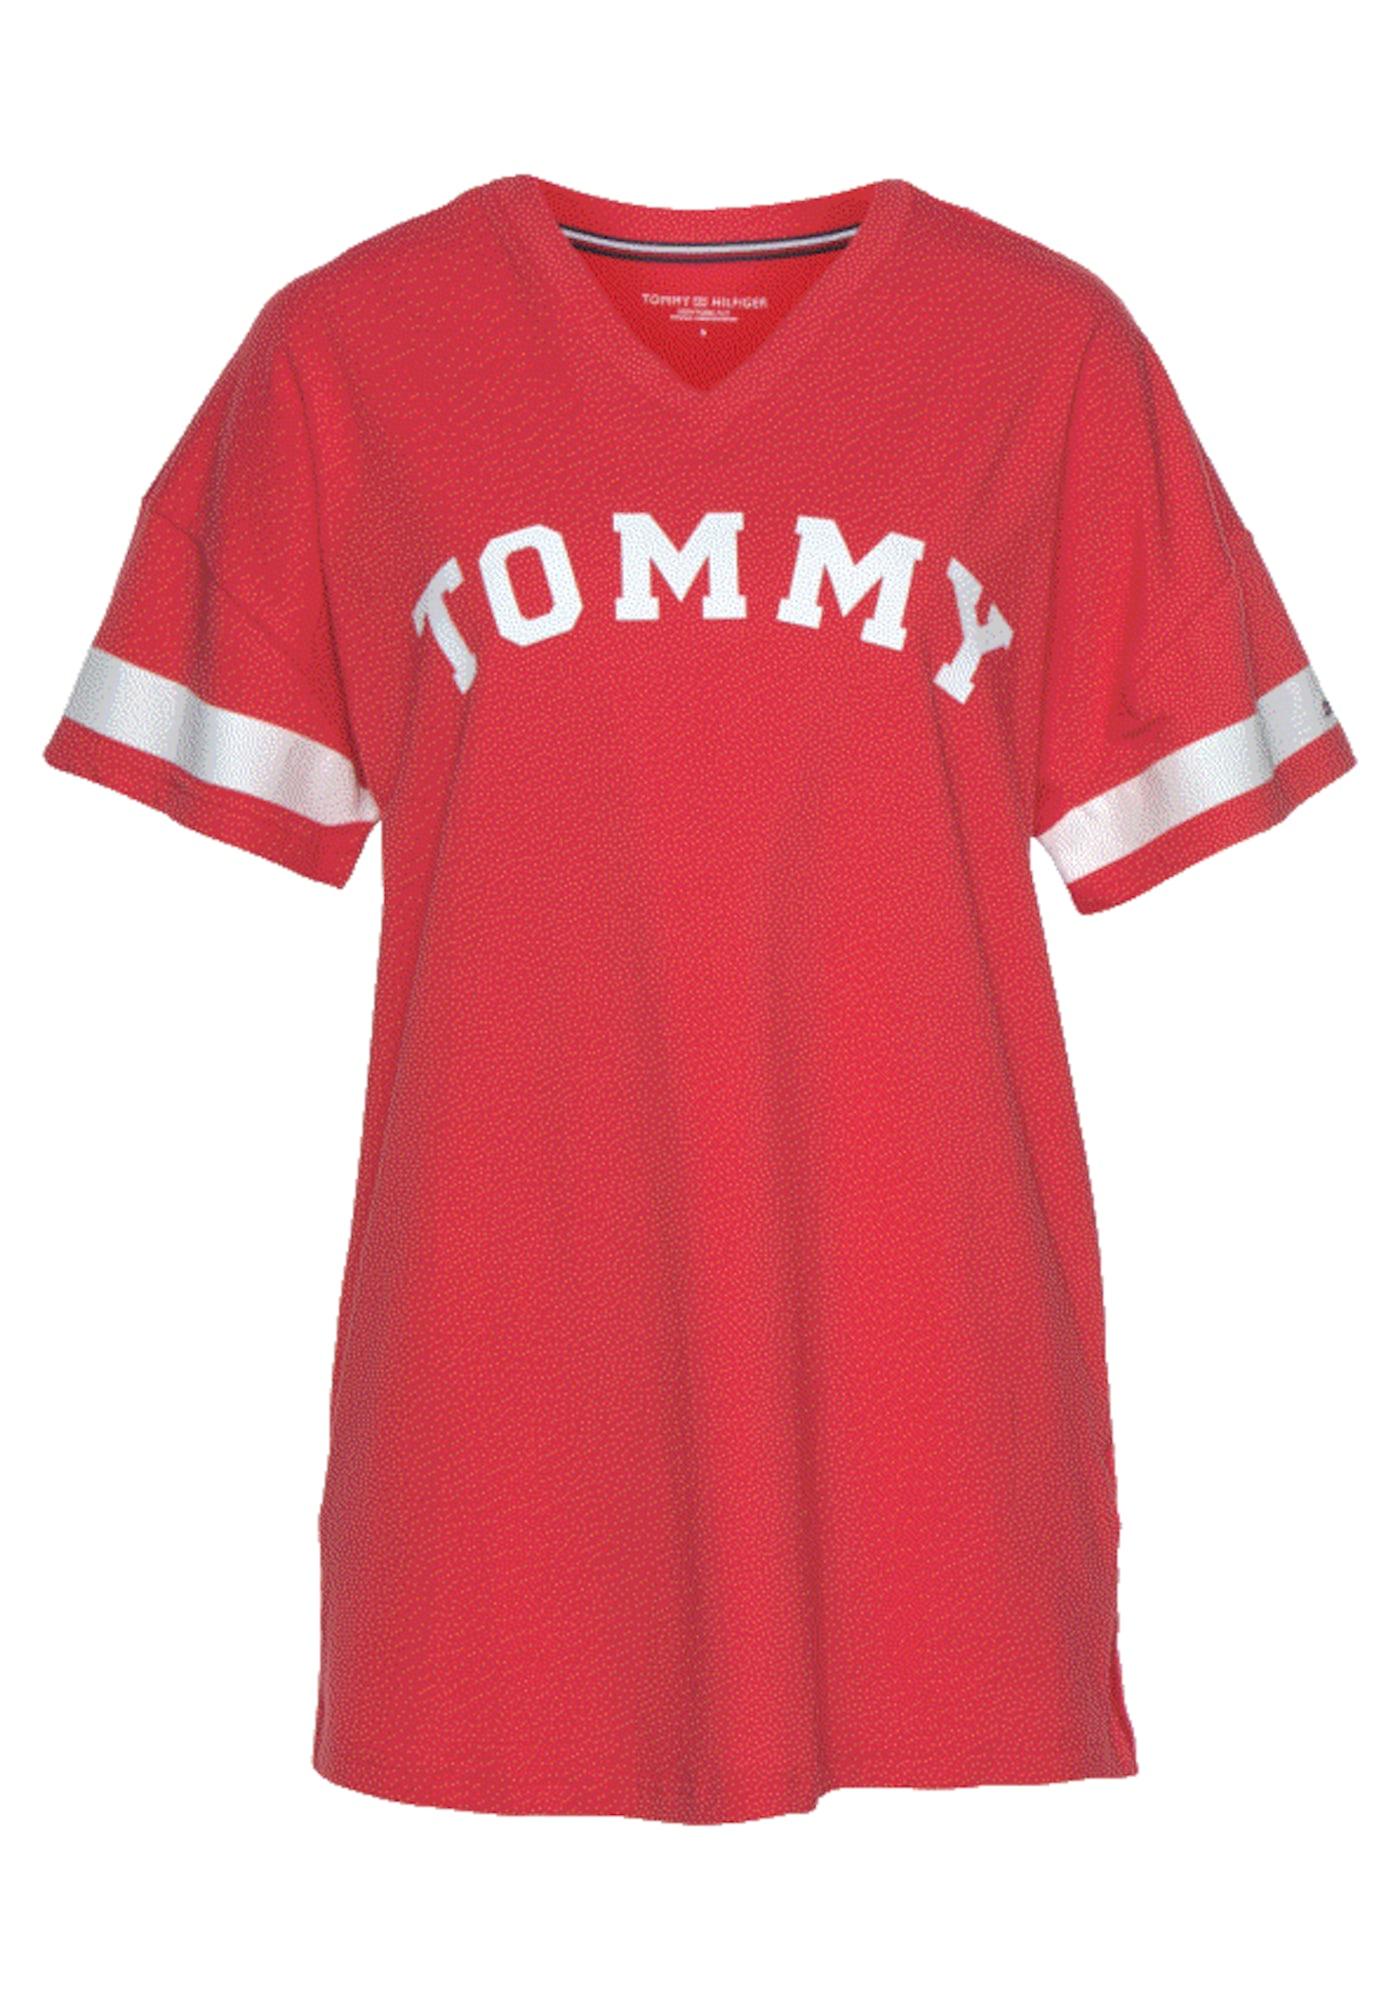 Sleepshirt   Bekleidung > Nachtwäsche > Sleepshirts   Tommy Hilfiger